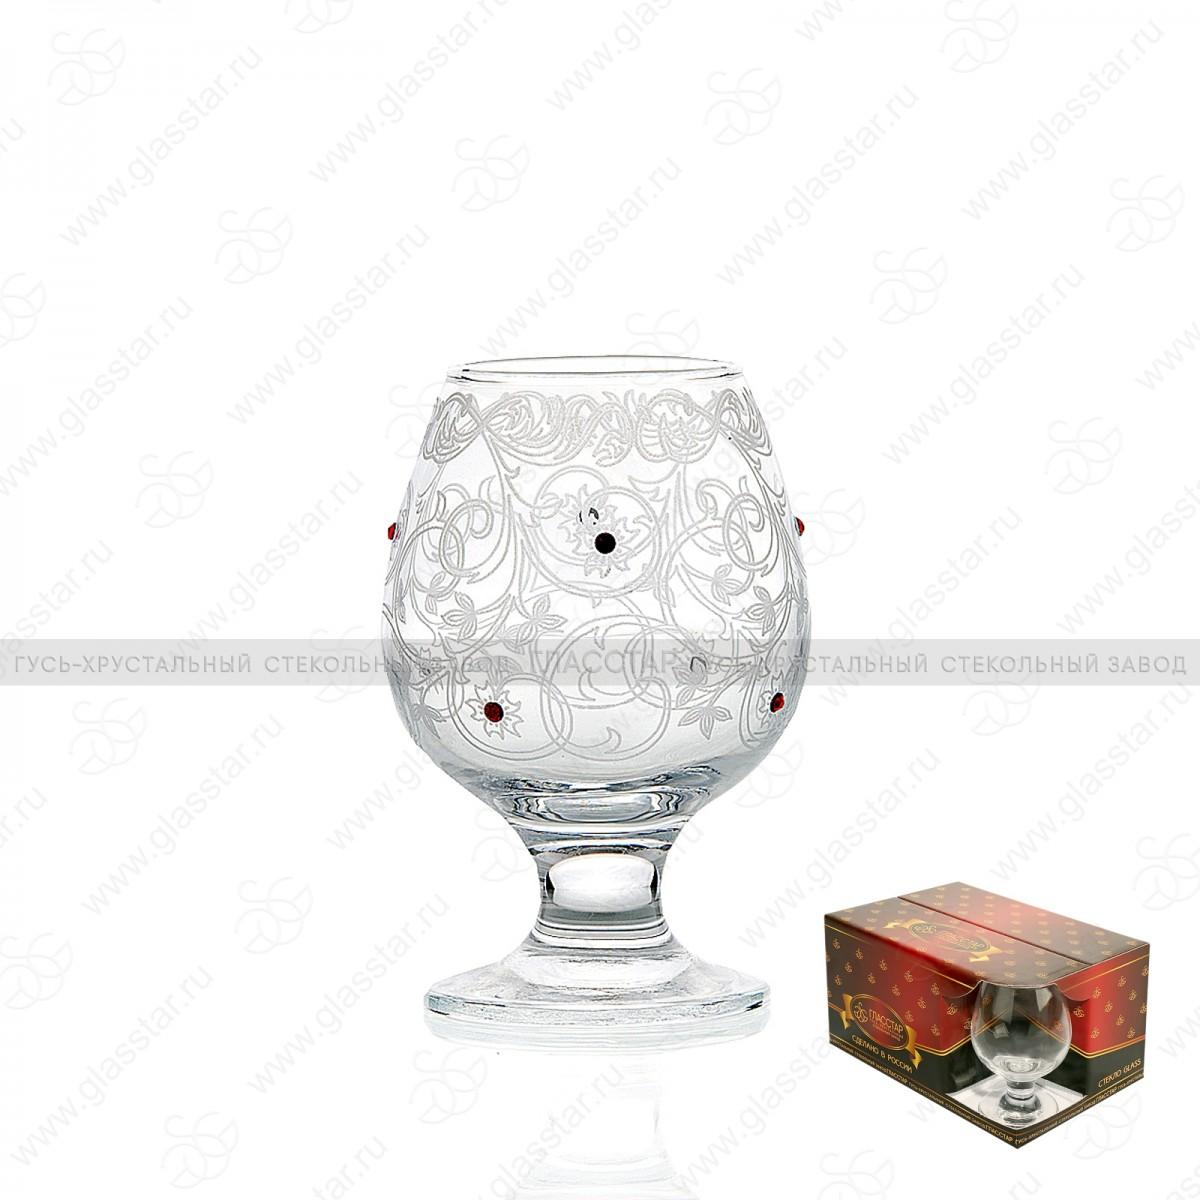 GS9_1740_3 Набор из 6 бокалов для бренди «Стразы», 250 мл